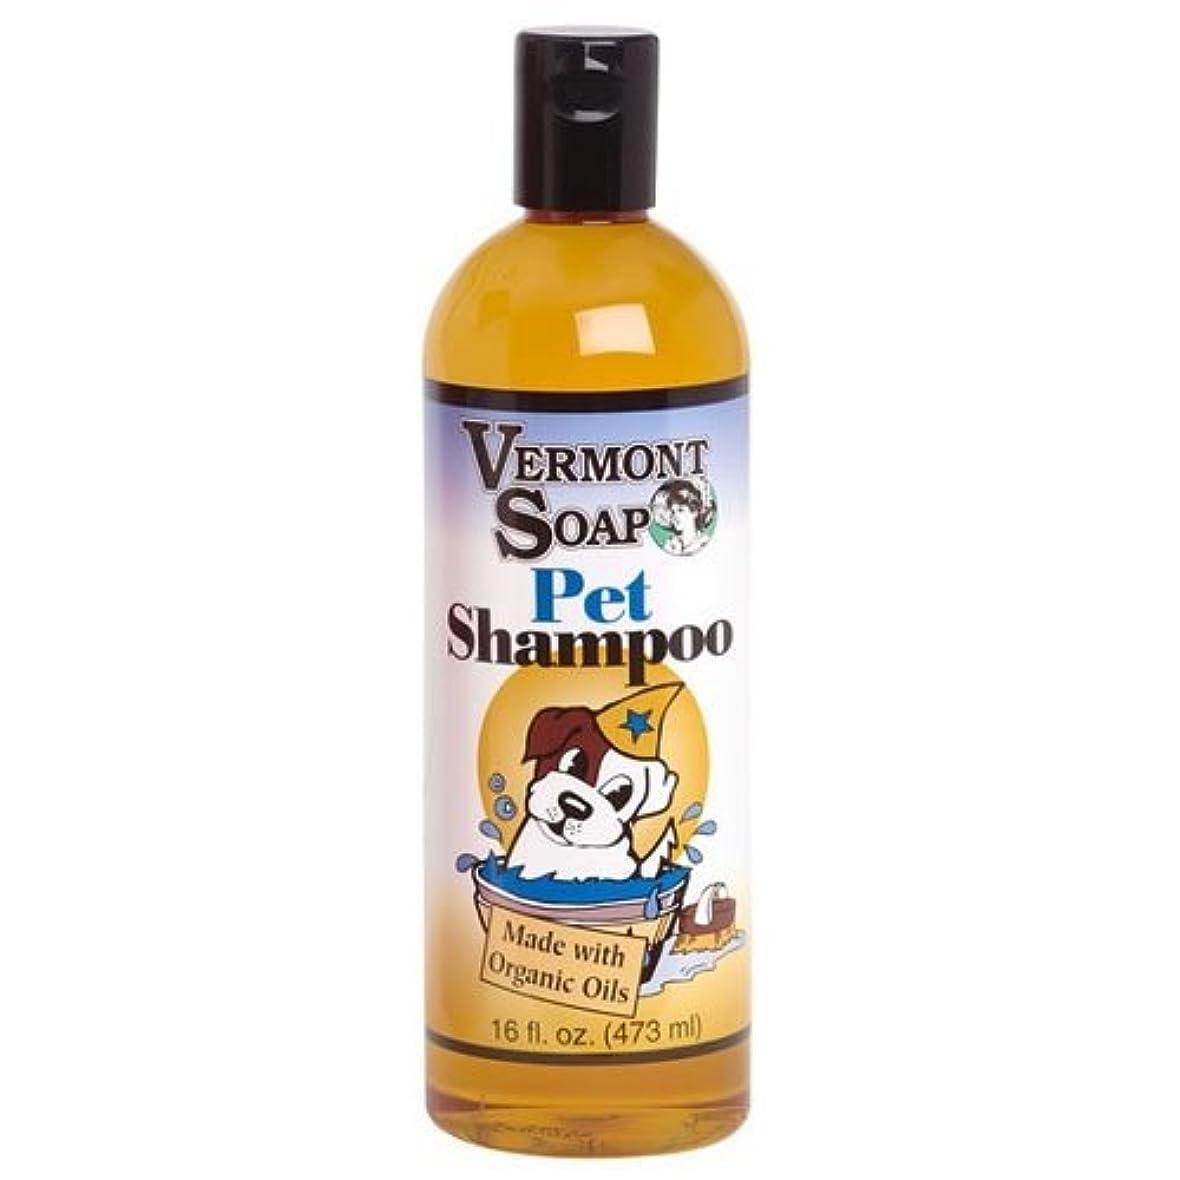 コショウ暖かさむちゃくちゃバーモントソープ オーガニック ペットシャンプー Pet Shampoo